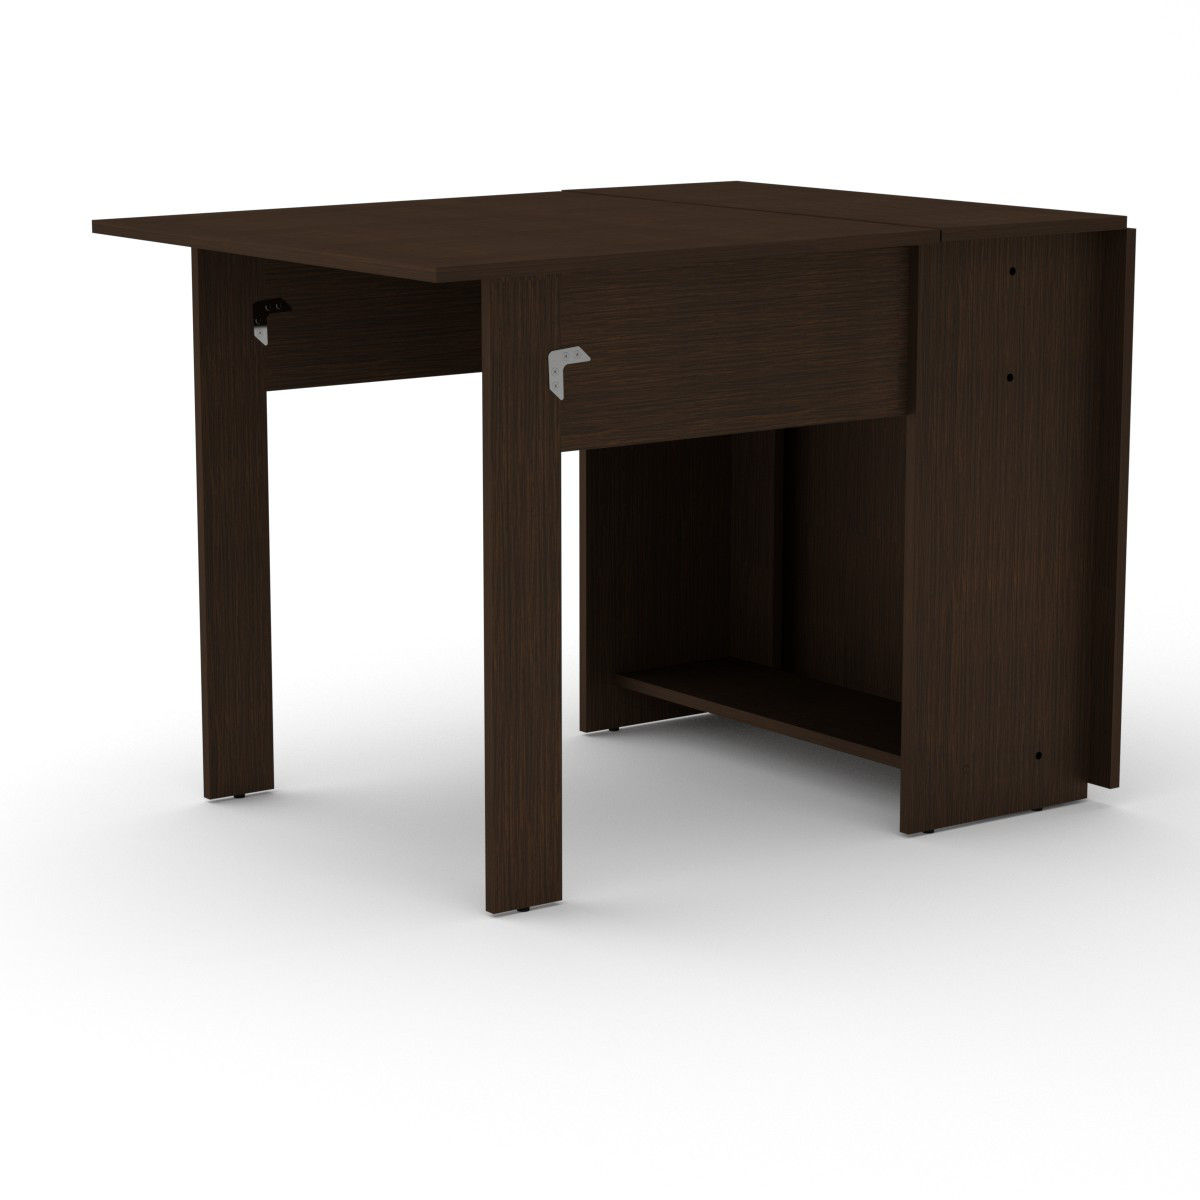 Стол книжка 1 венге темный Компанит (170х76х74 см)